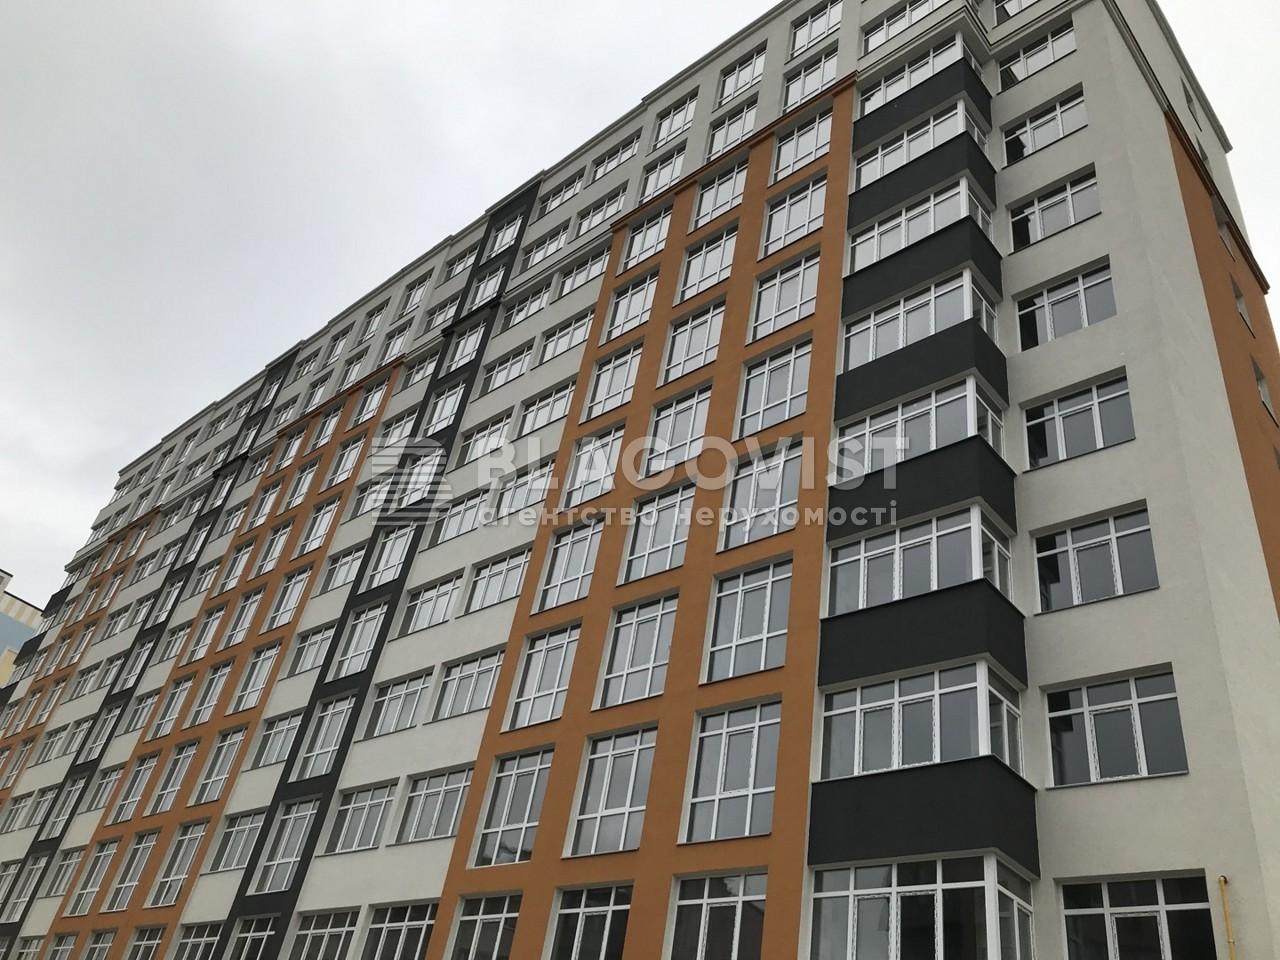 Квартира A-111857, Боголюбова, 13в, Софиевская Борщаговка - Фото 1